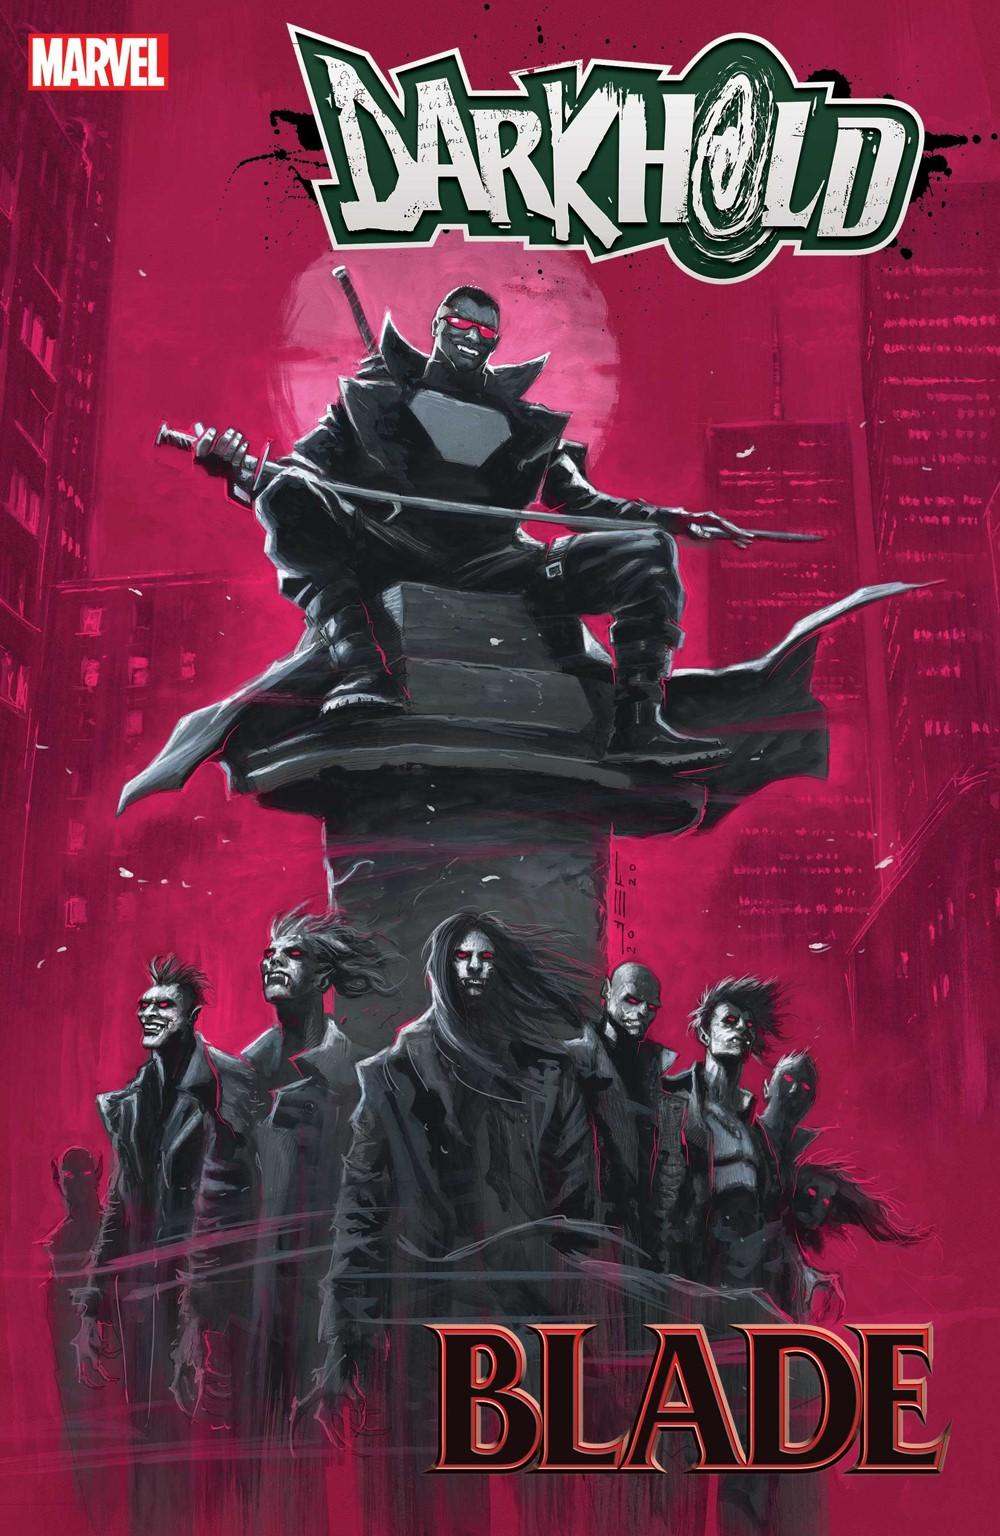 DARKHOLDBLADE2021001_cvr Marvel Comics October 2021 Solicitations